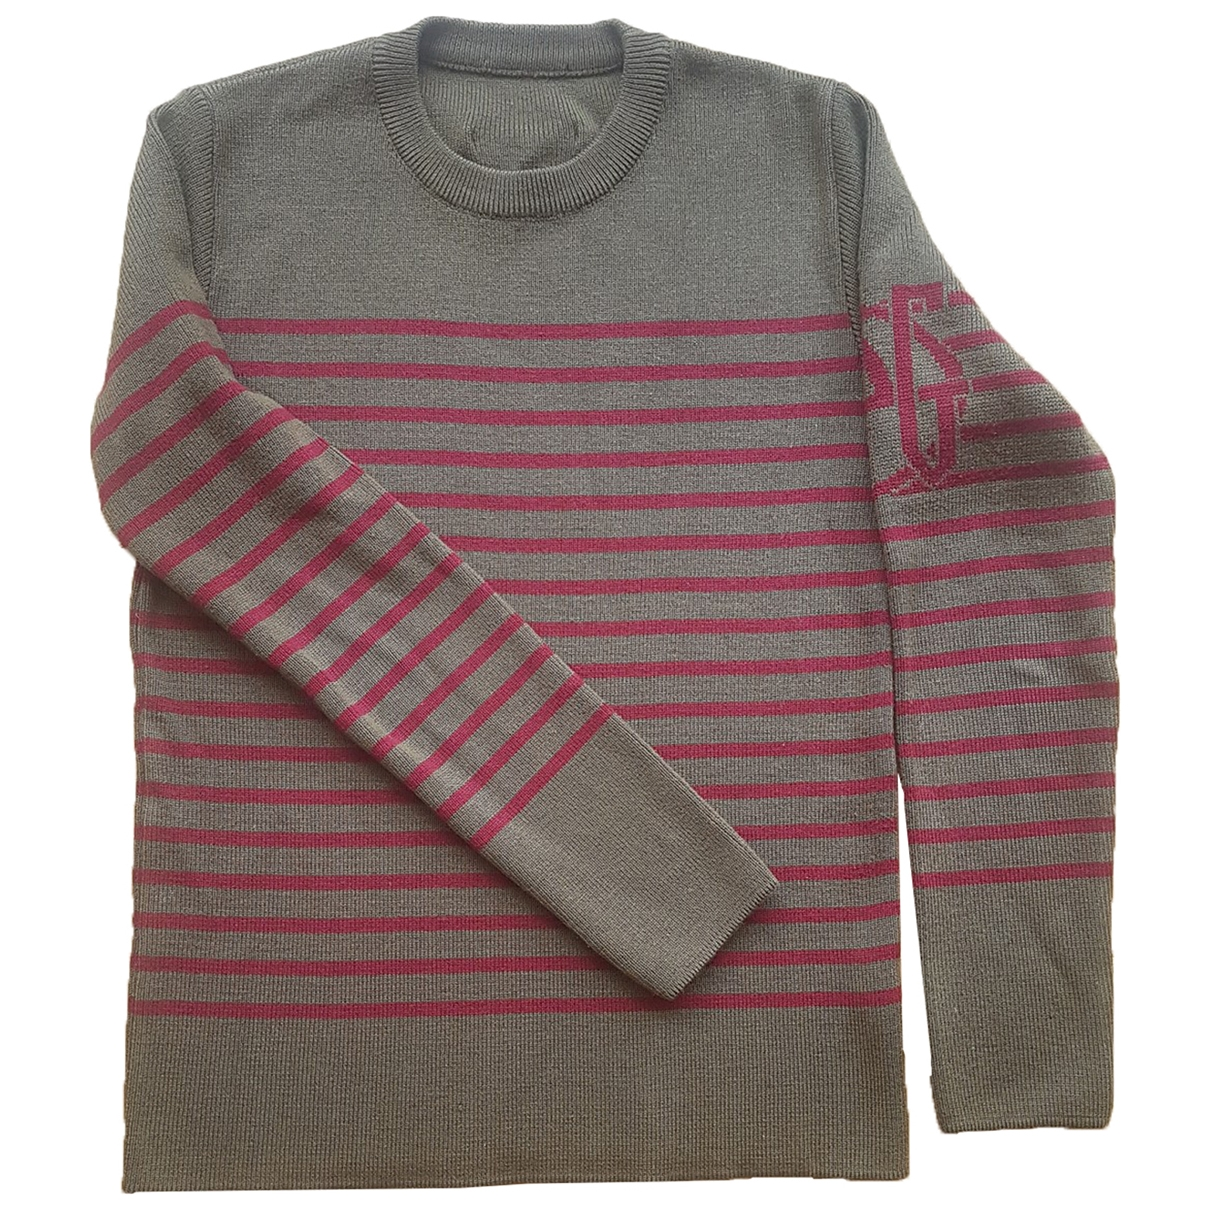 Jean Paul Gaultier \N Khaki Wool Knitwear & Sweatshirts for Men S International